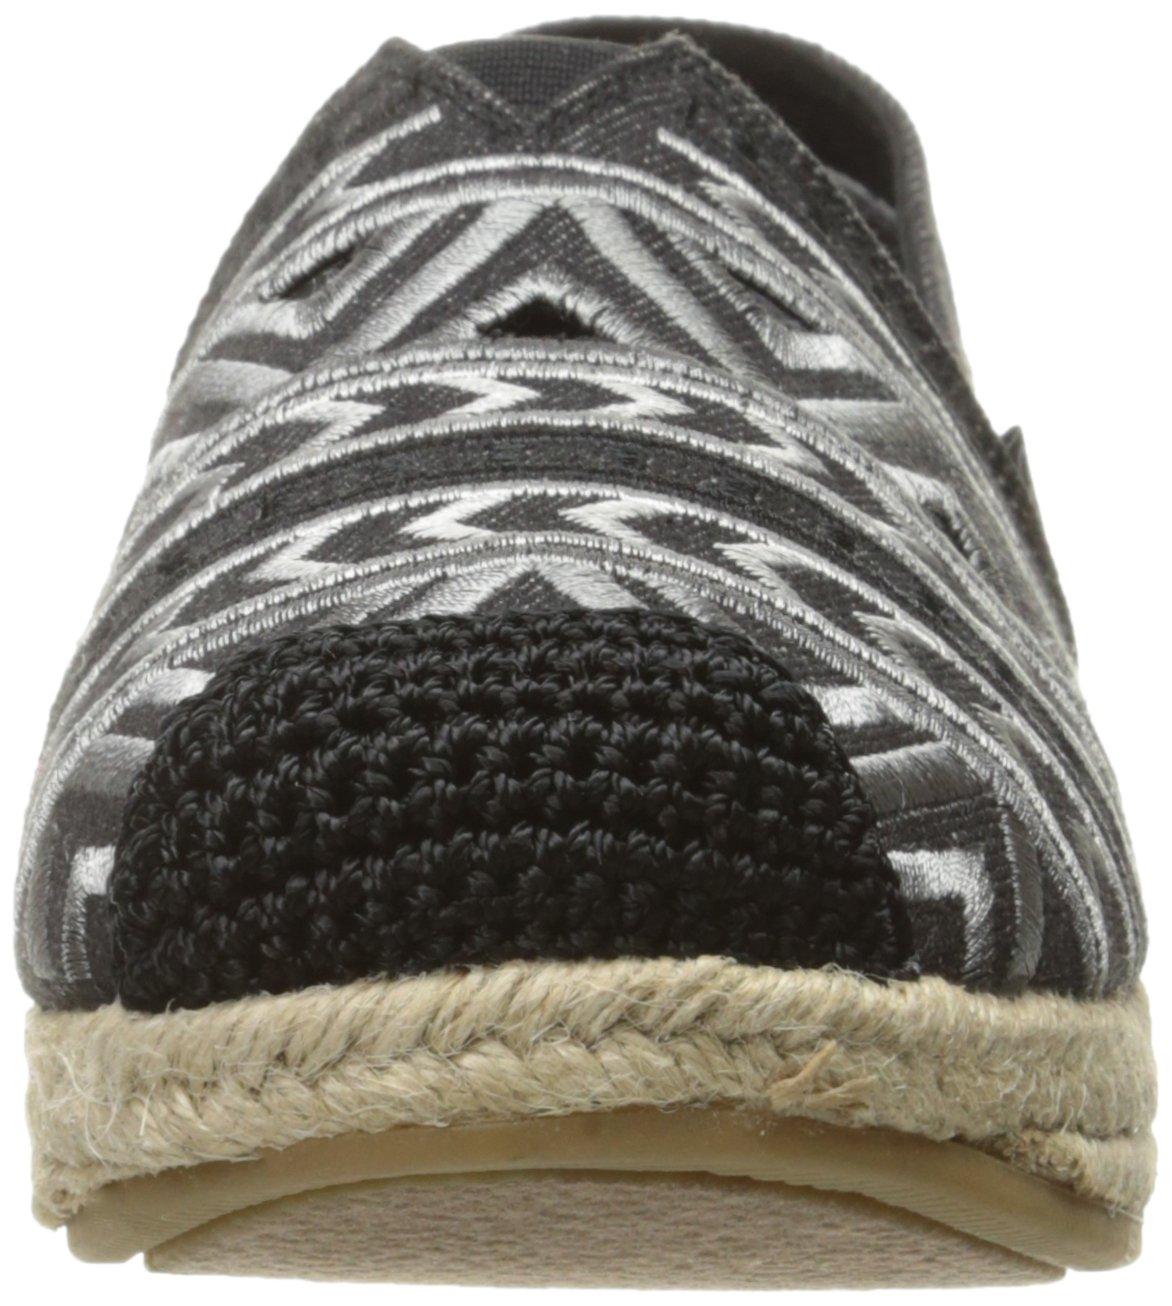 Skechers BOBS from Women's Highlights-Machu Flat B072Q1YBHN 10 B(M) US|Black